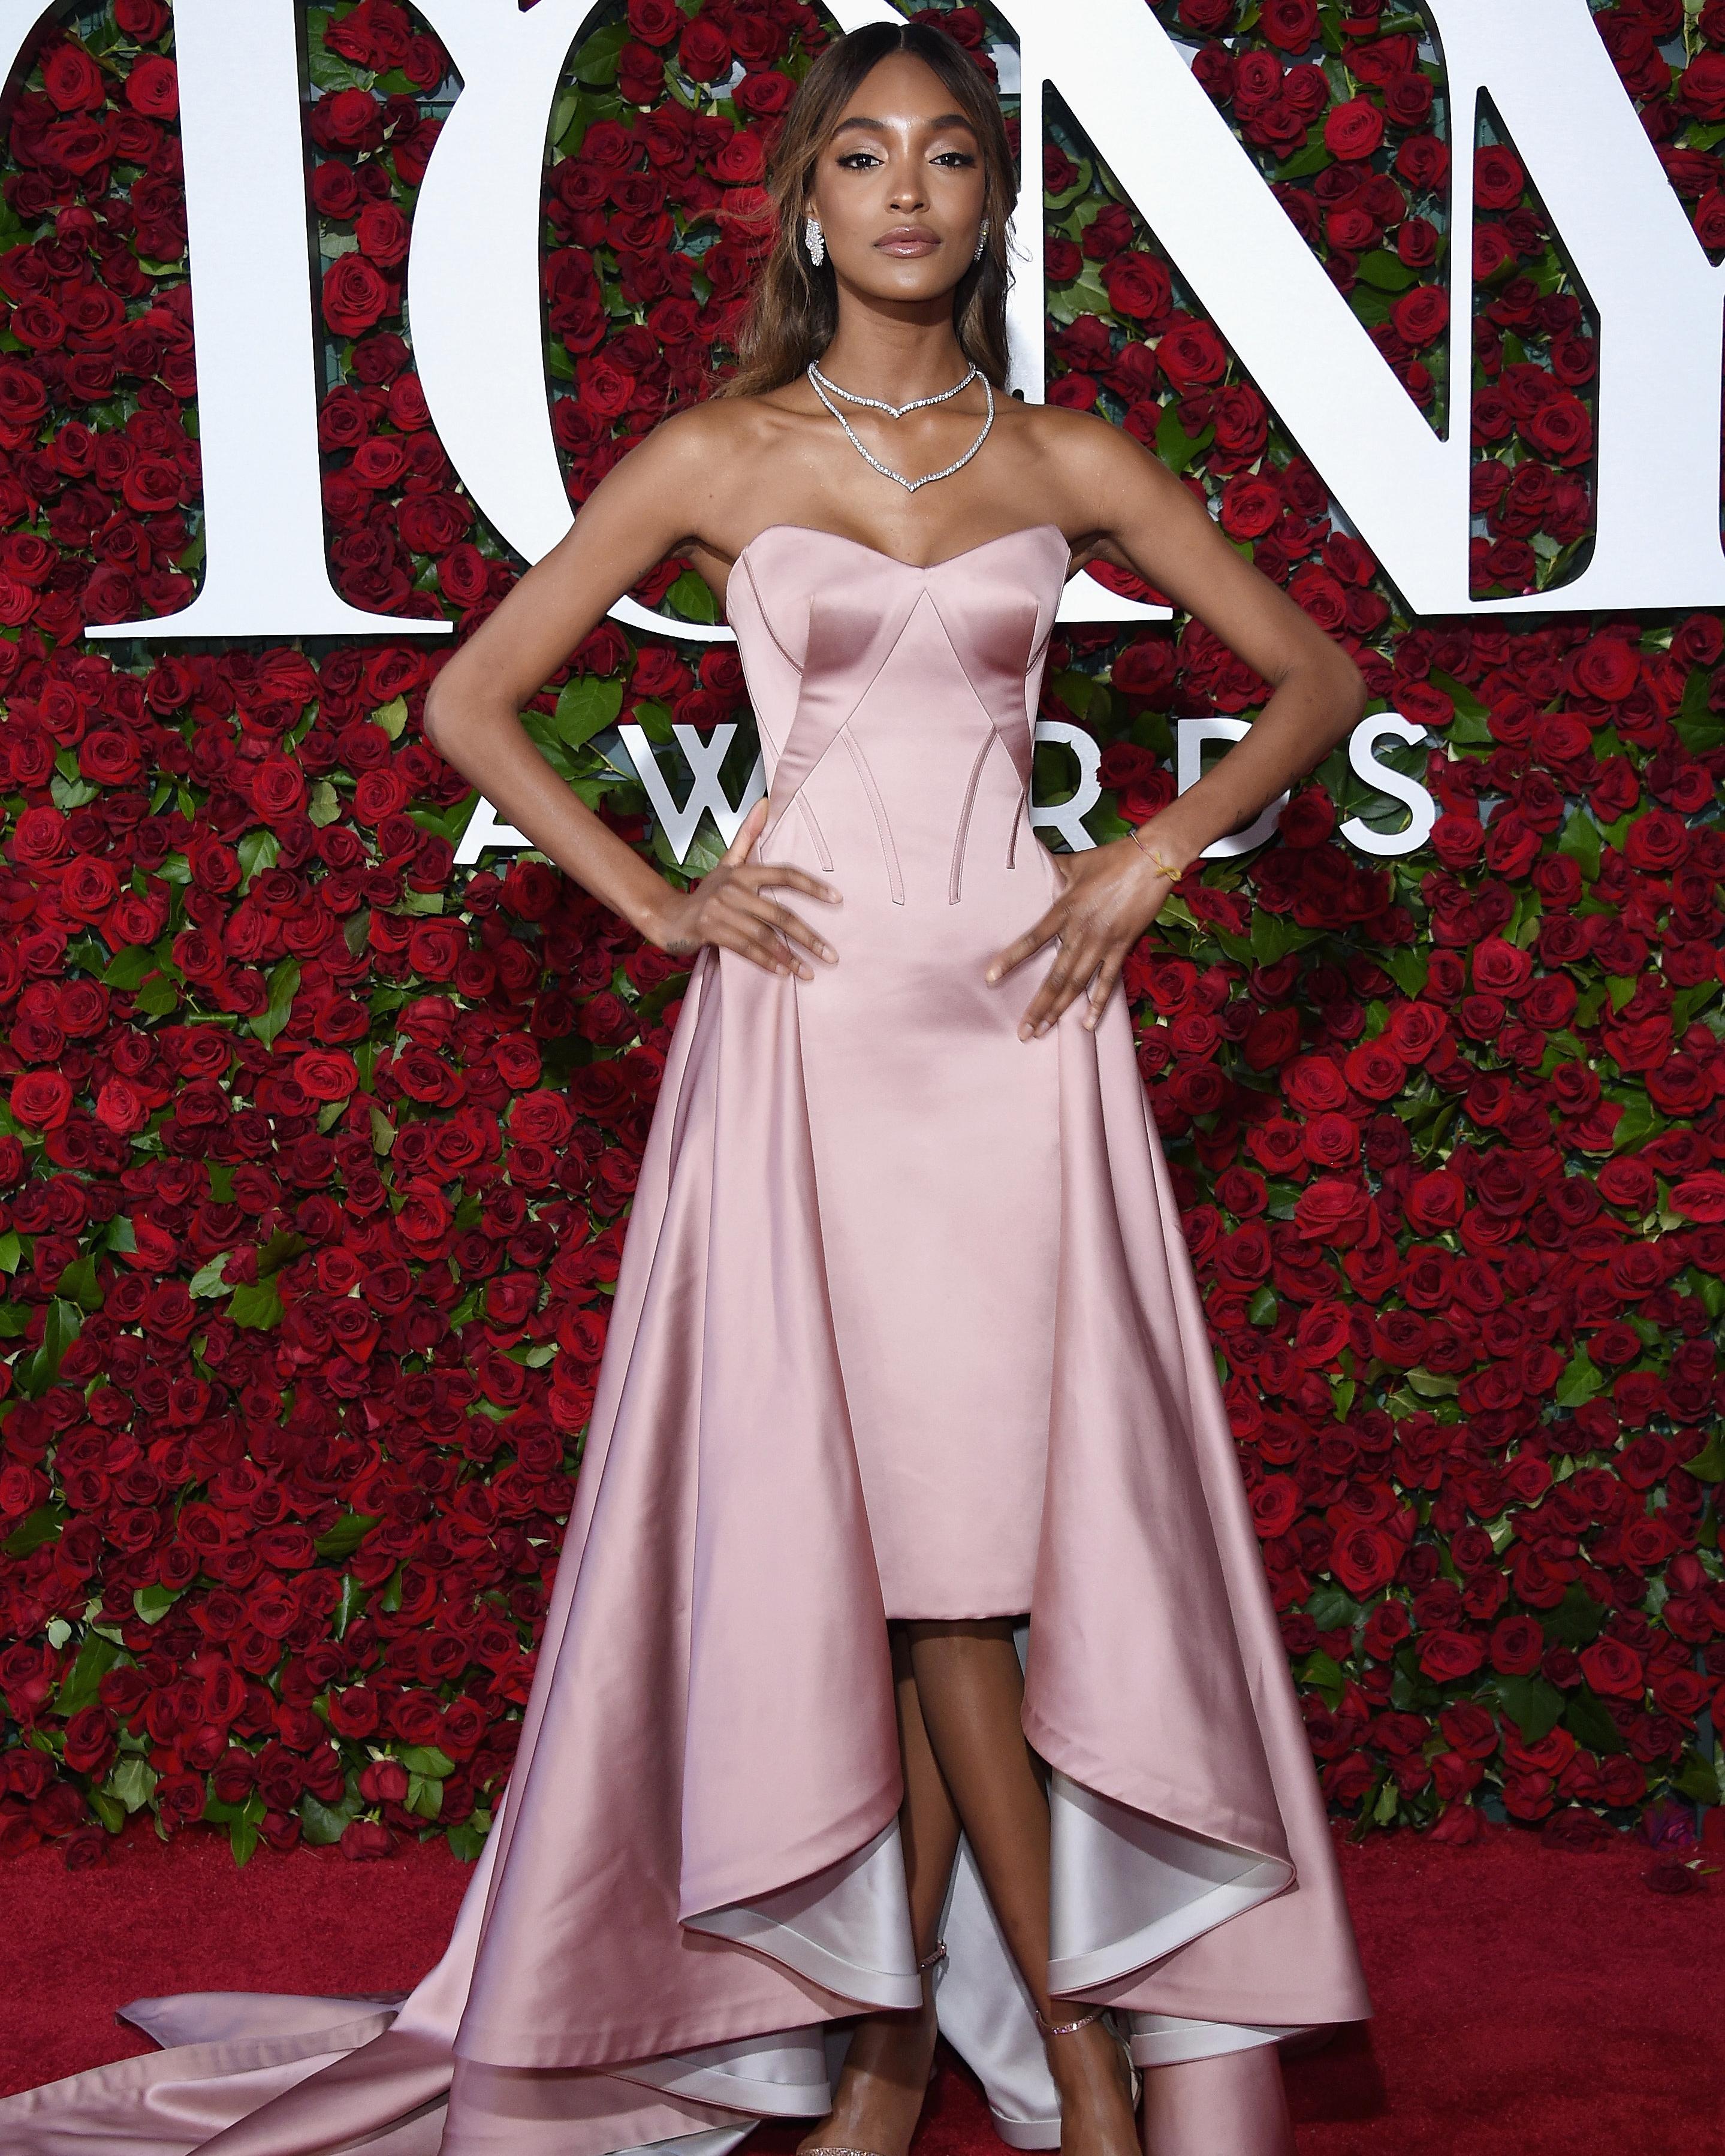 tony-awards-jourdan-dunn-0616.jpg